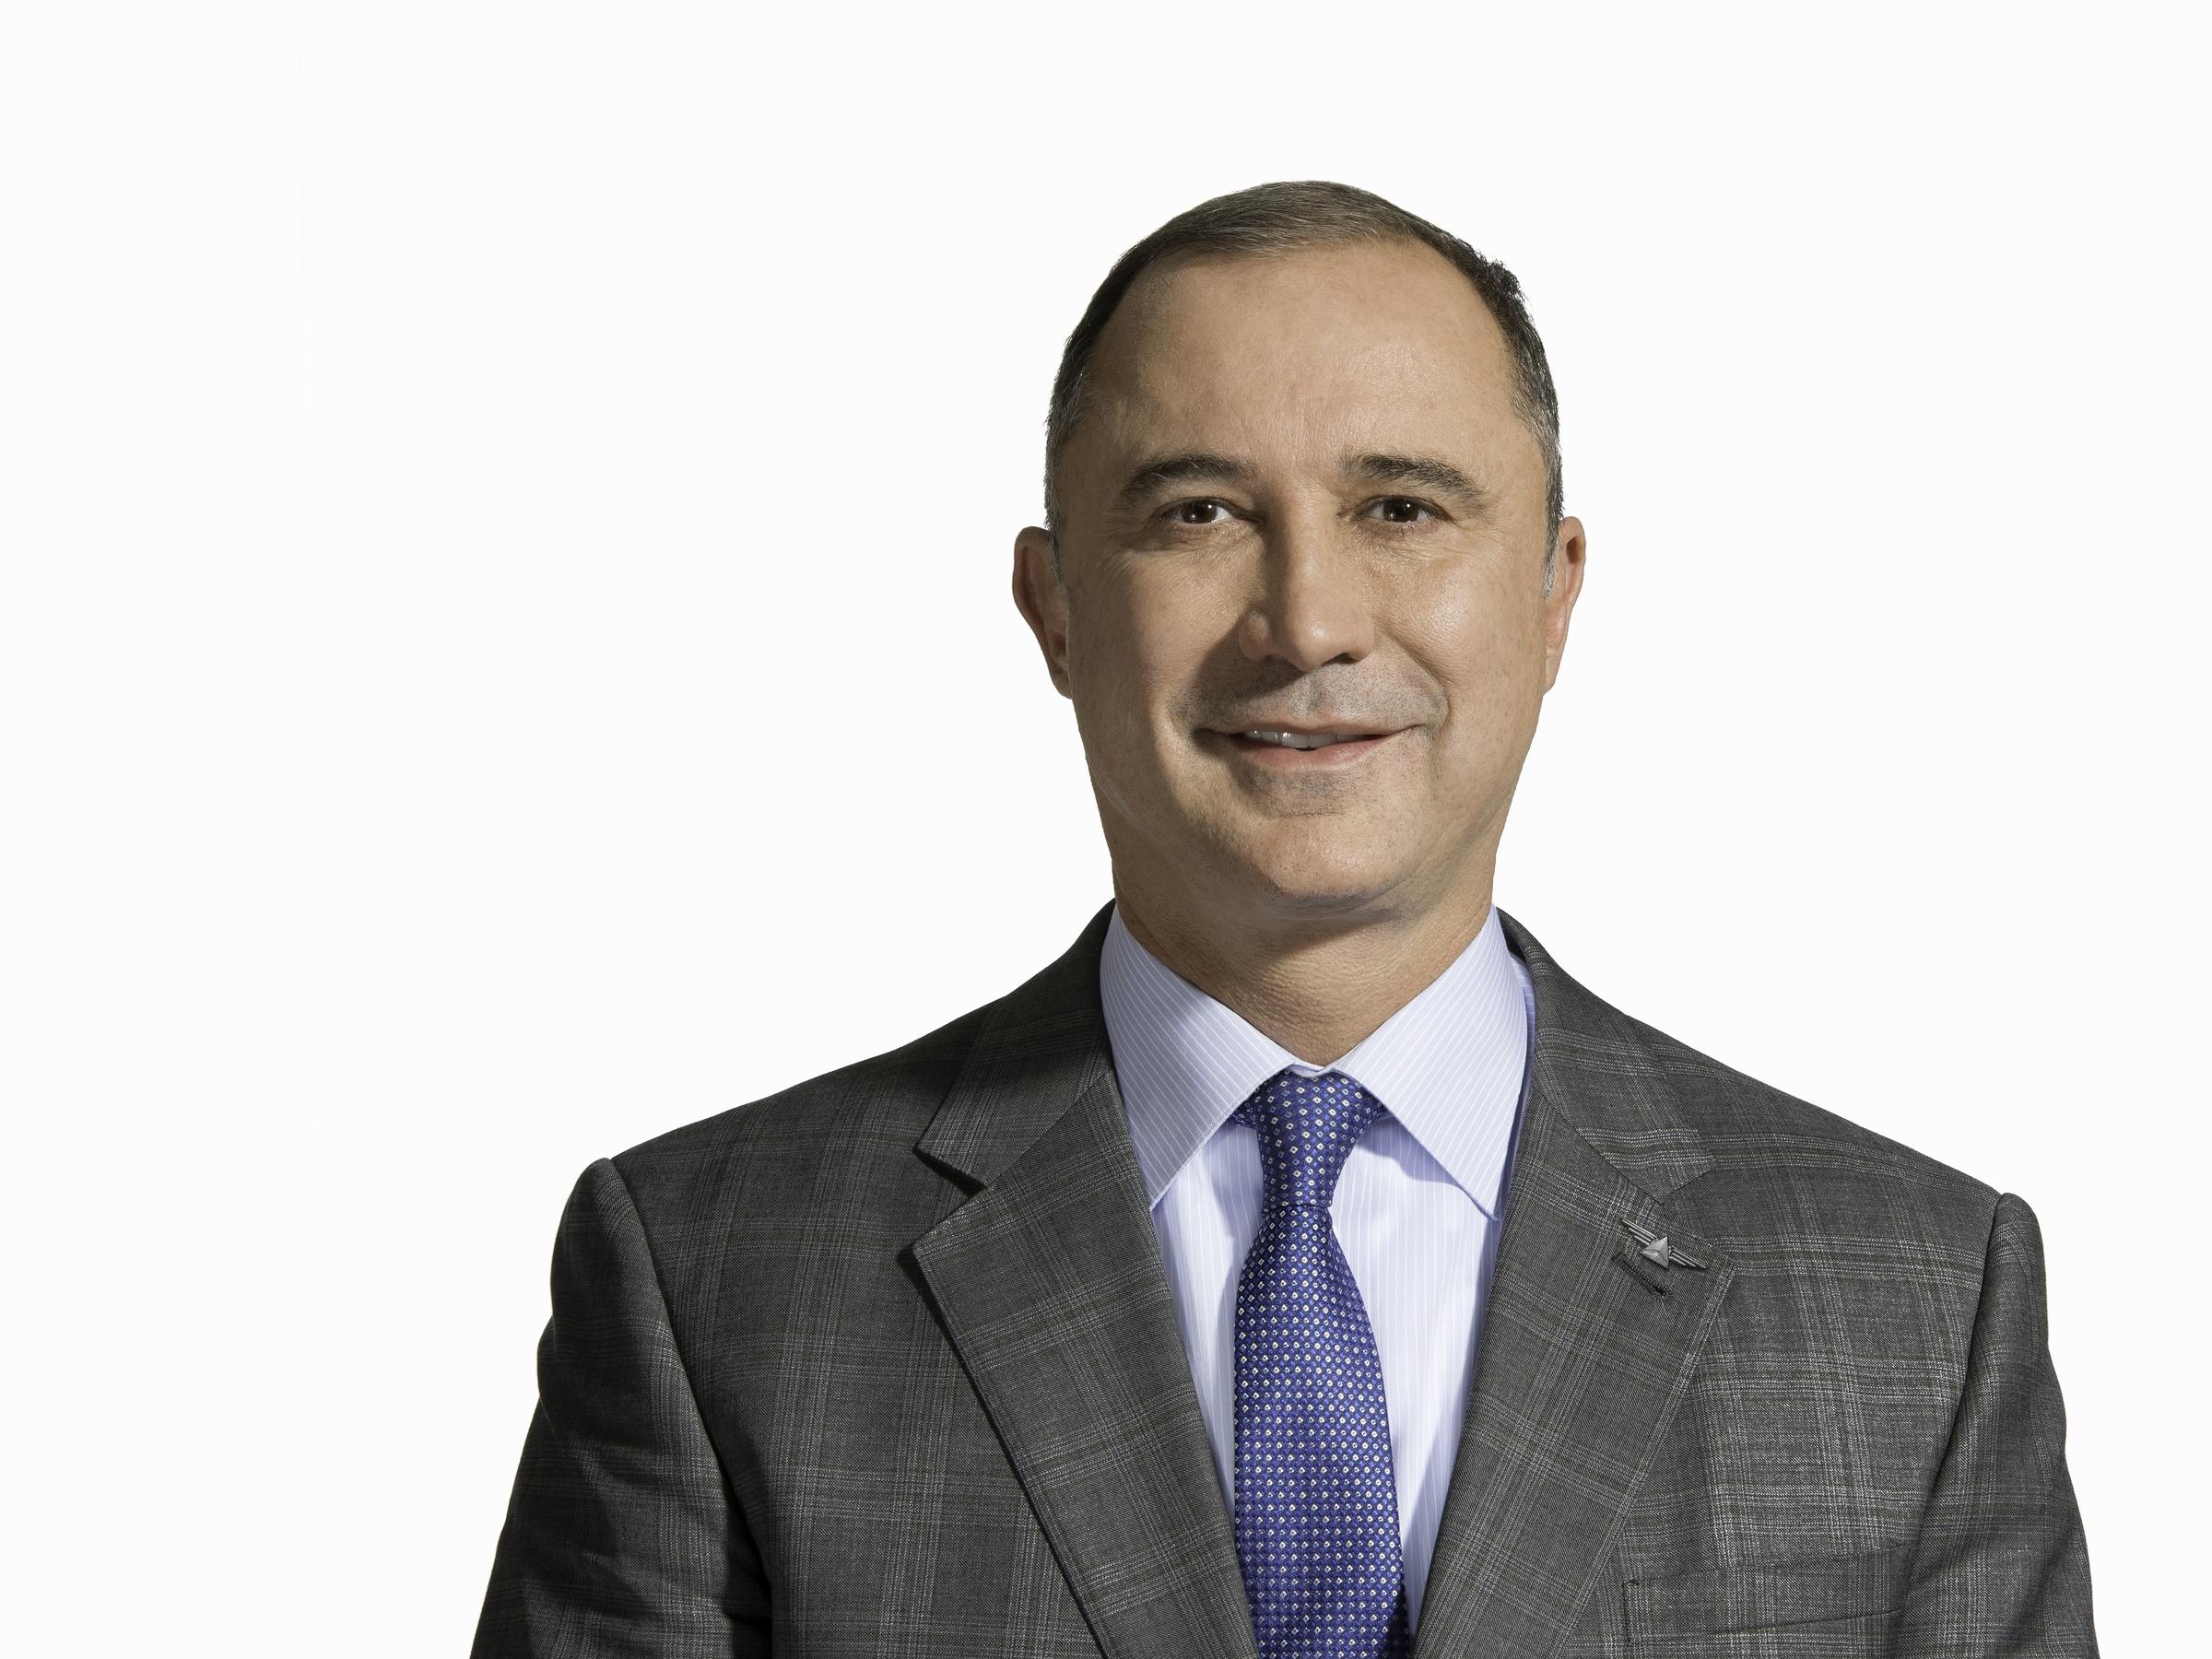 Glen Hauenstein Executive Headshot